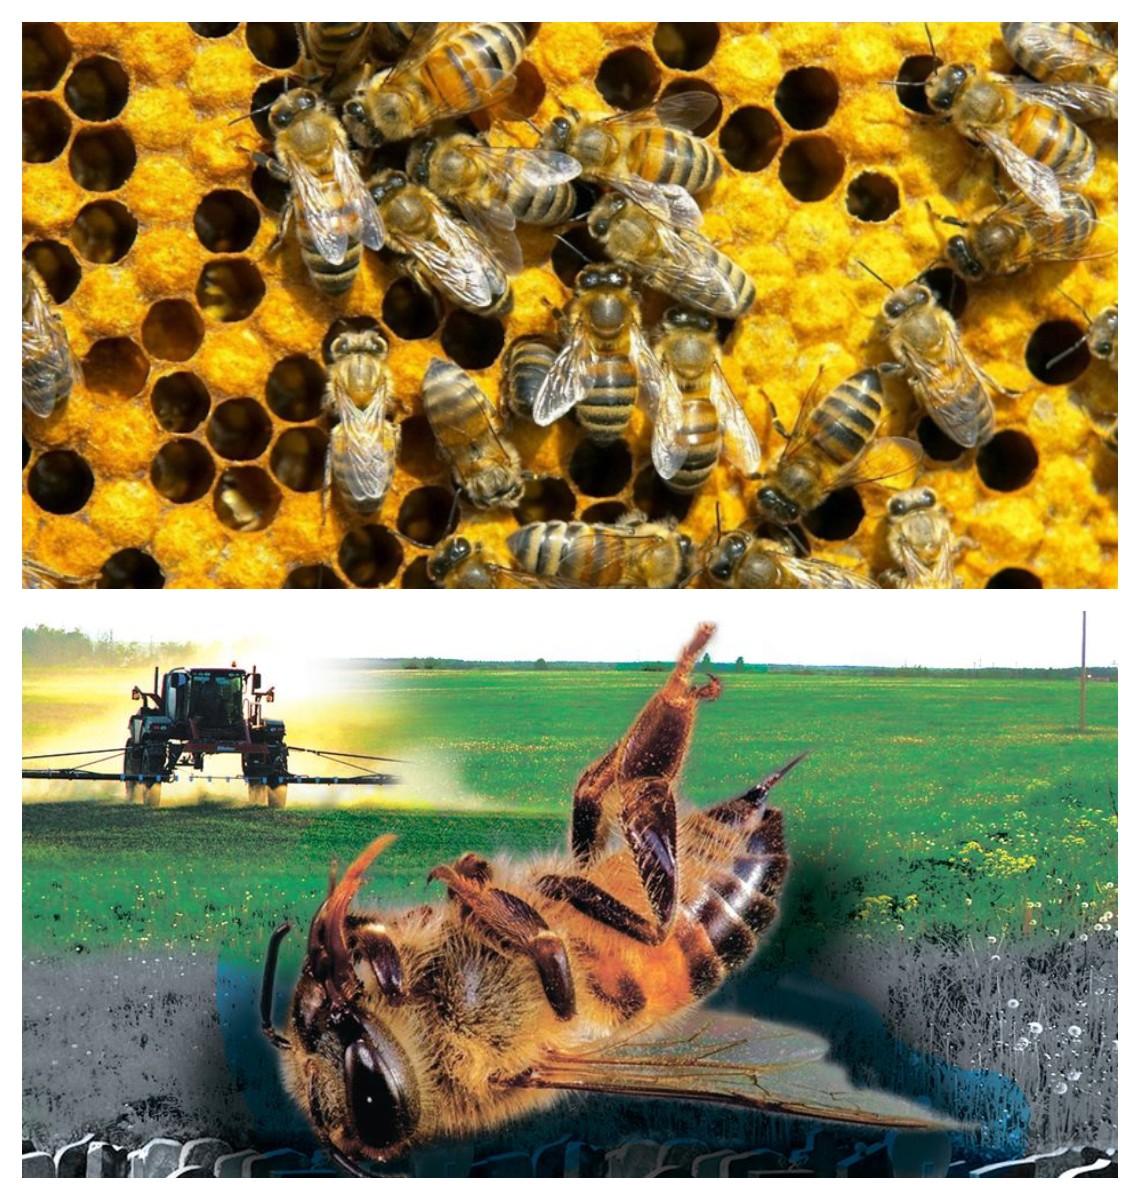 Захист бджіл від застосування пестицидів